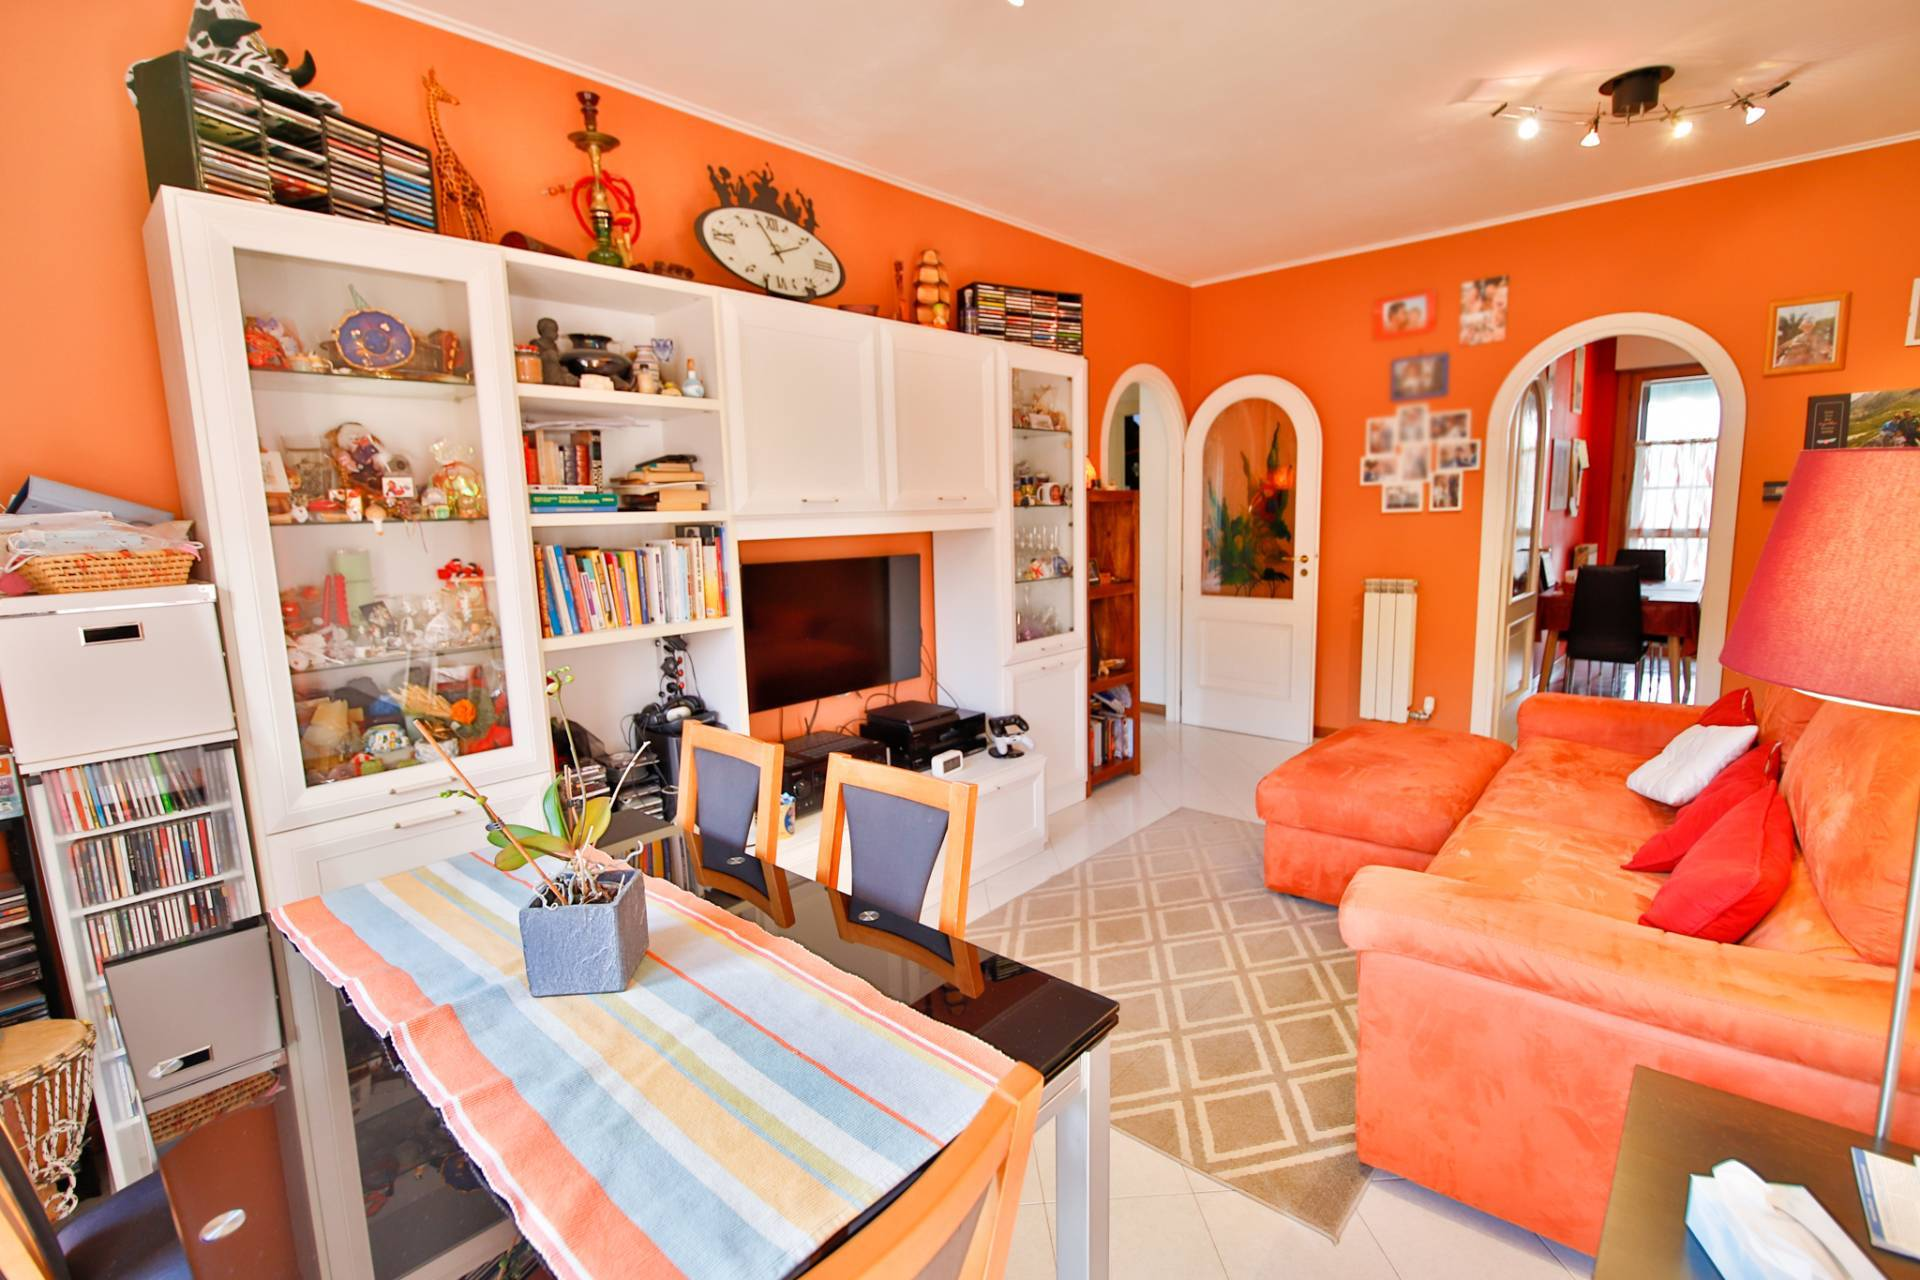 Appartamento in vendita a San Mauro Torinese, 4 locali, prezzo € 179.000 | PortaleAgenzieImmobiliari.it